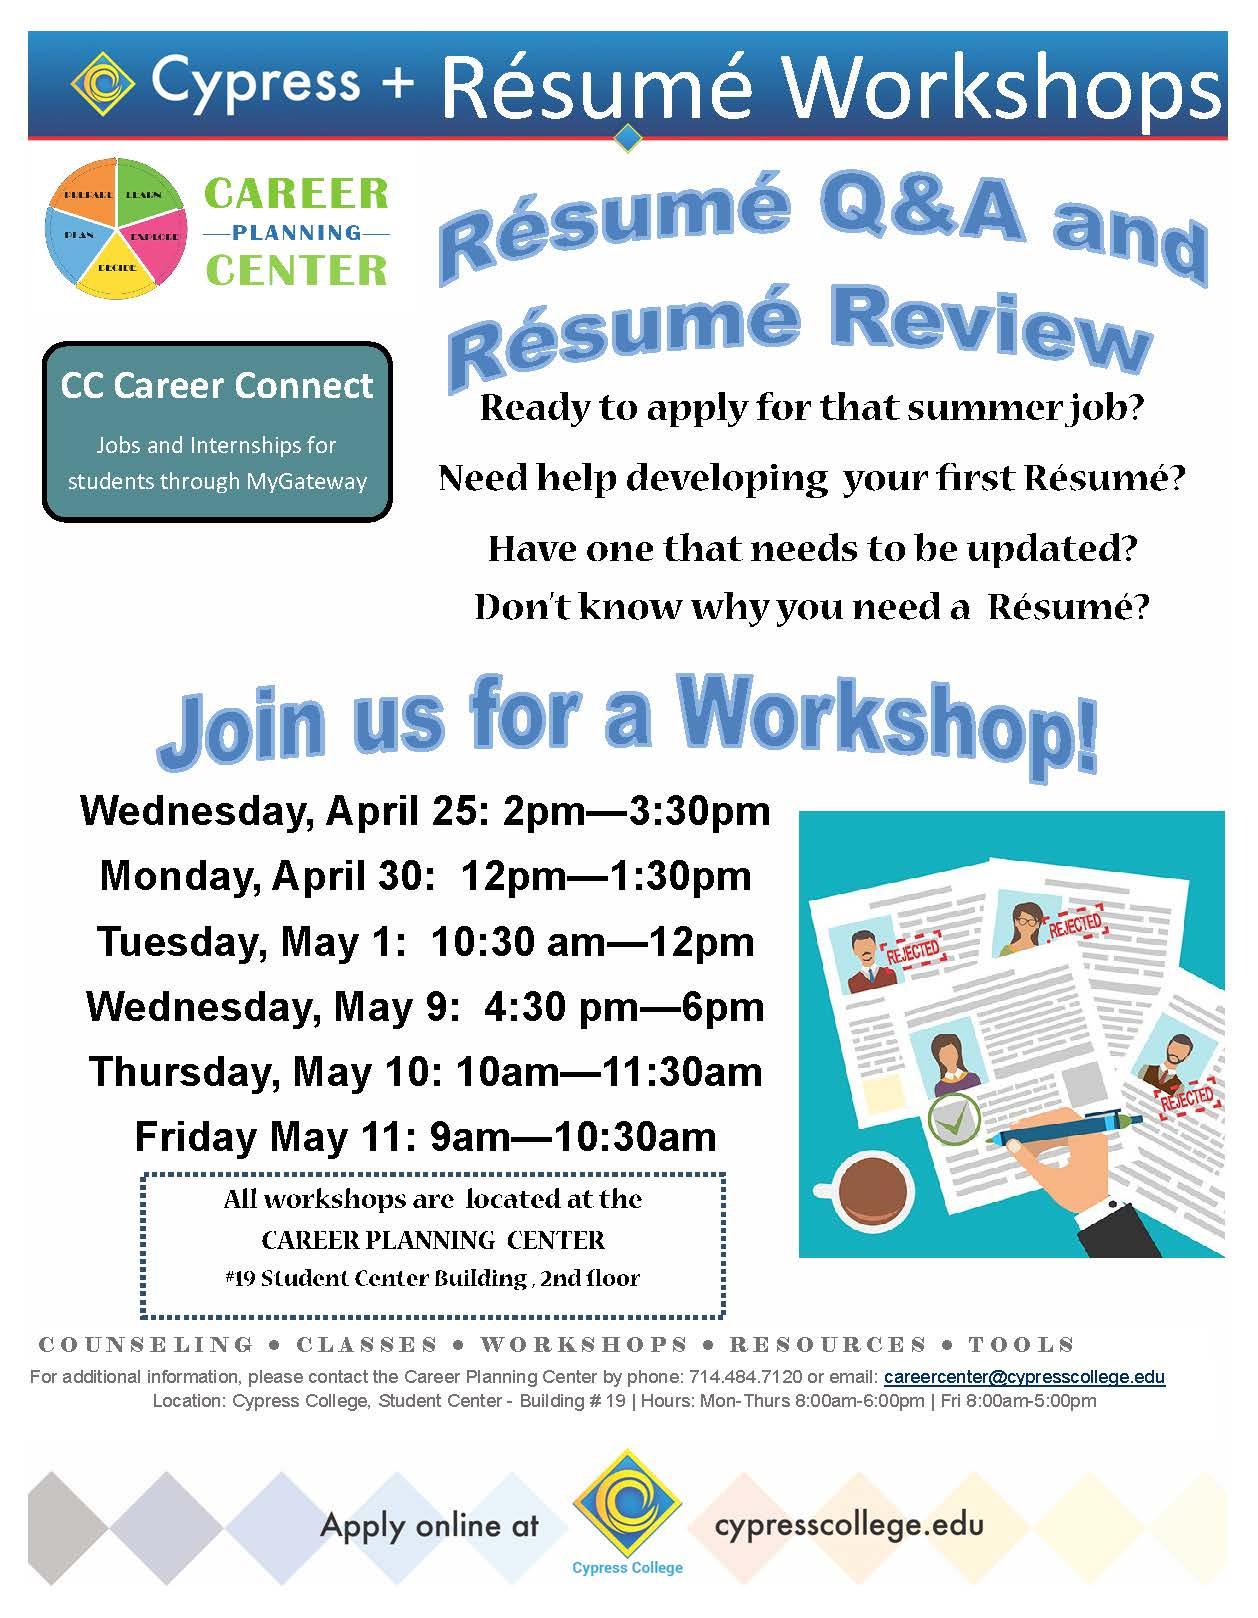 resume Cypress Resume resume workshops cypress college event navigation